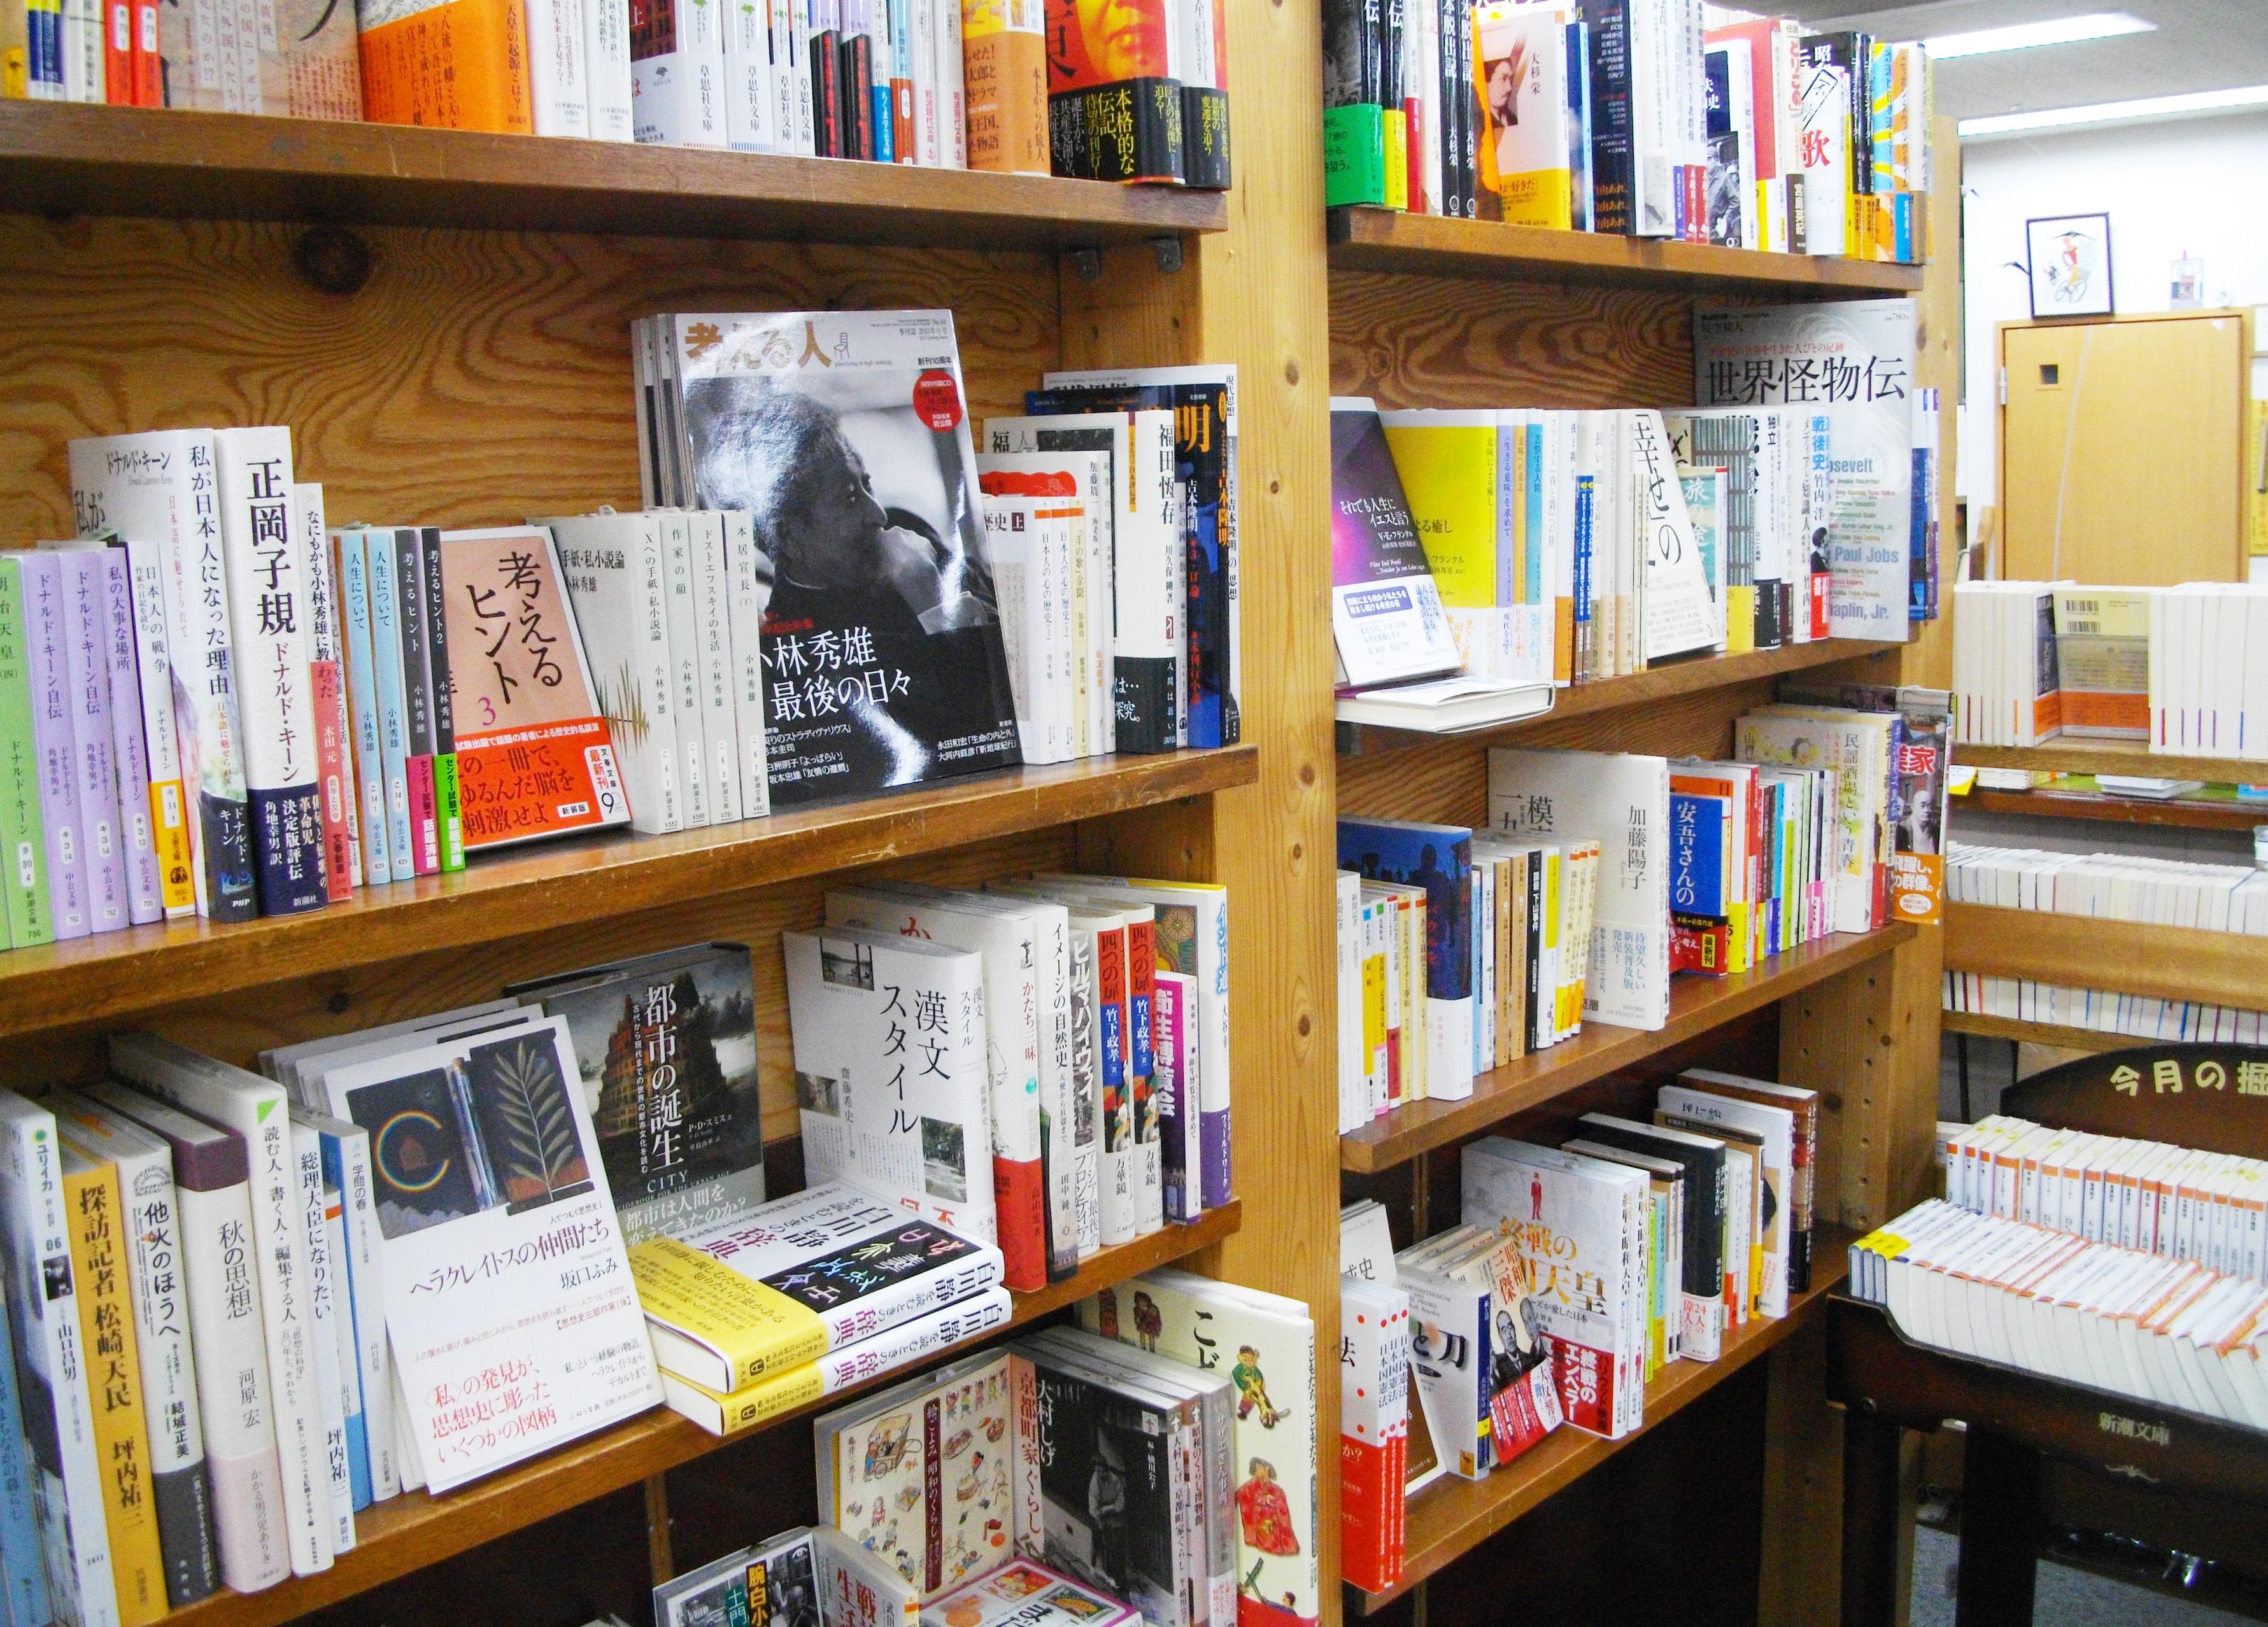 北書店の本棚の一部。『考える人』の小林秀雄特集がアイキャッチに。